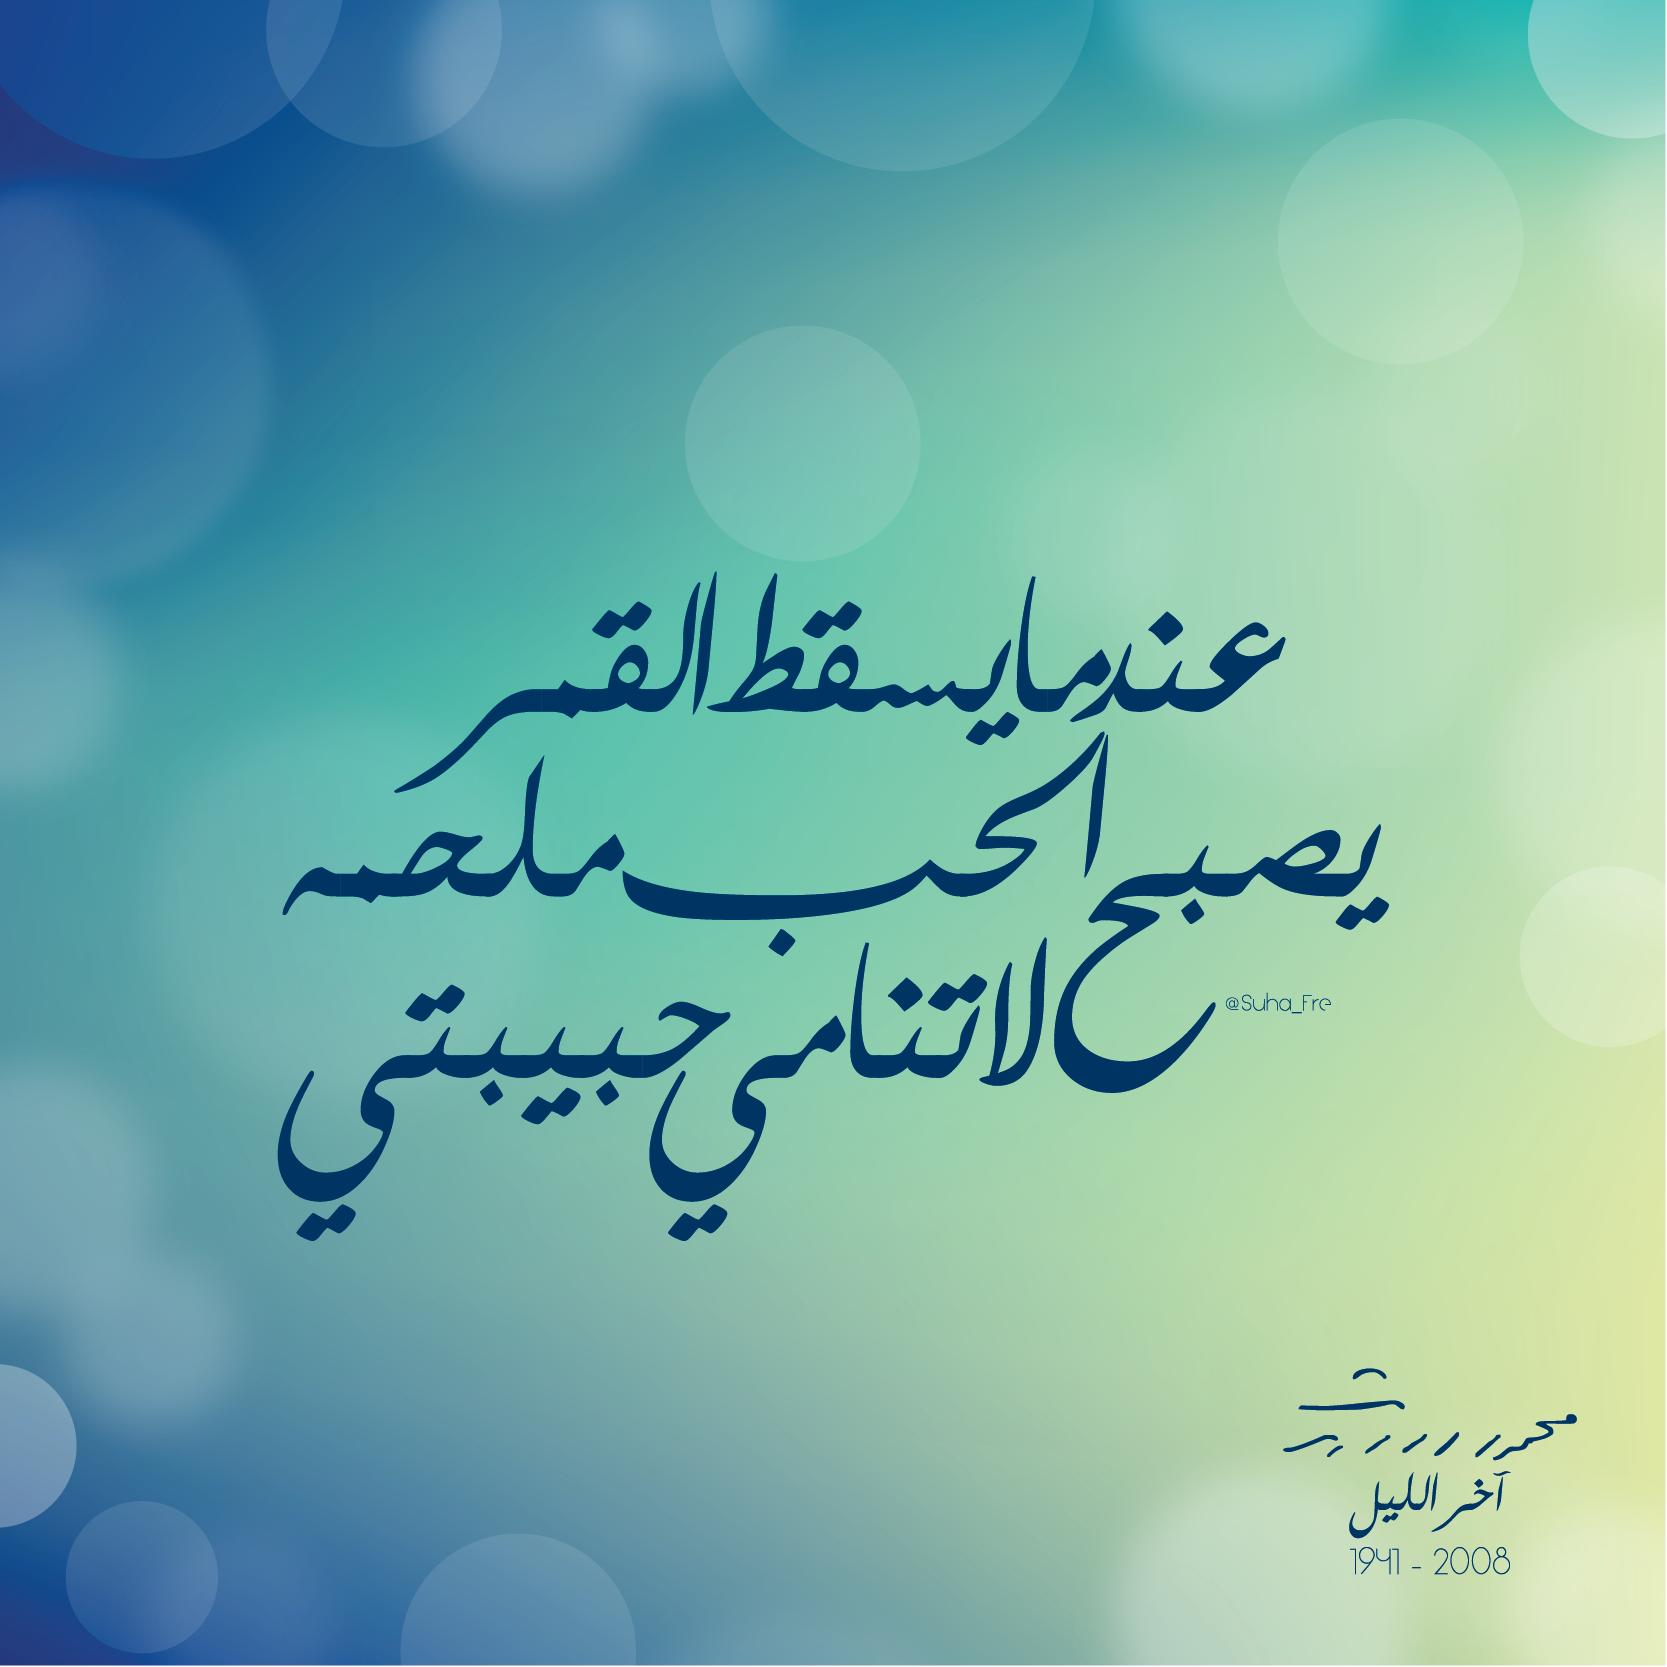 ديوان آخر الليل محمود درويش Feelings Arabic Calligraphy Art